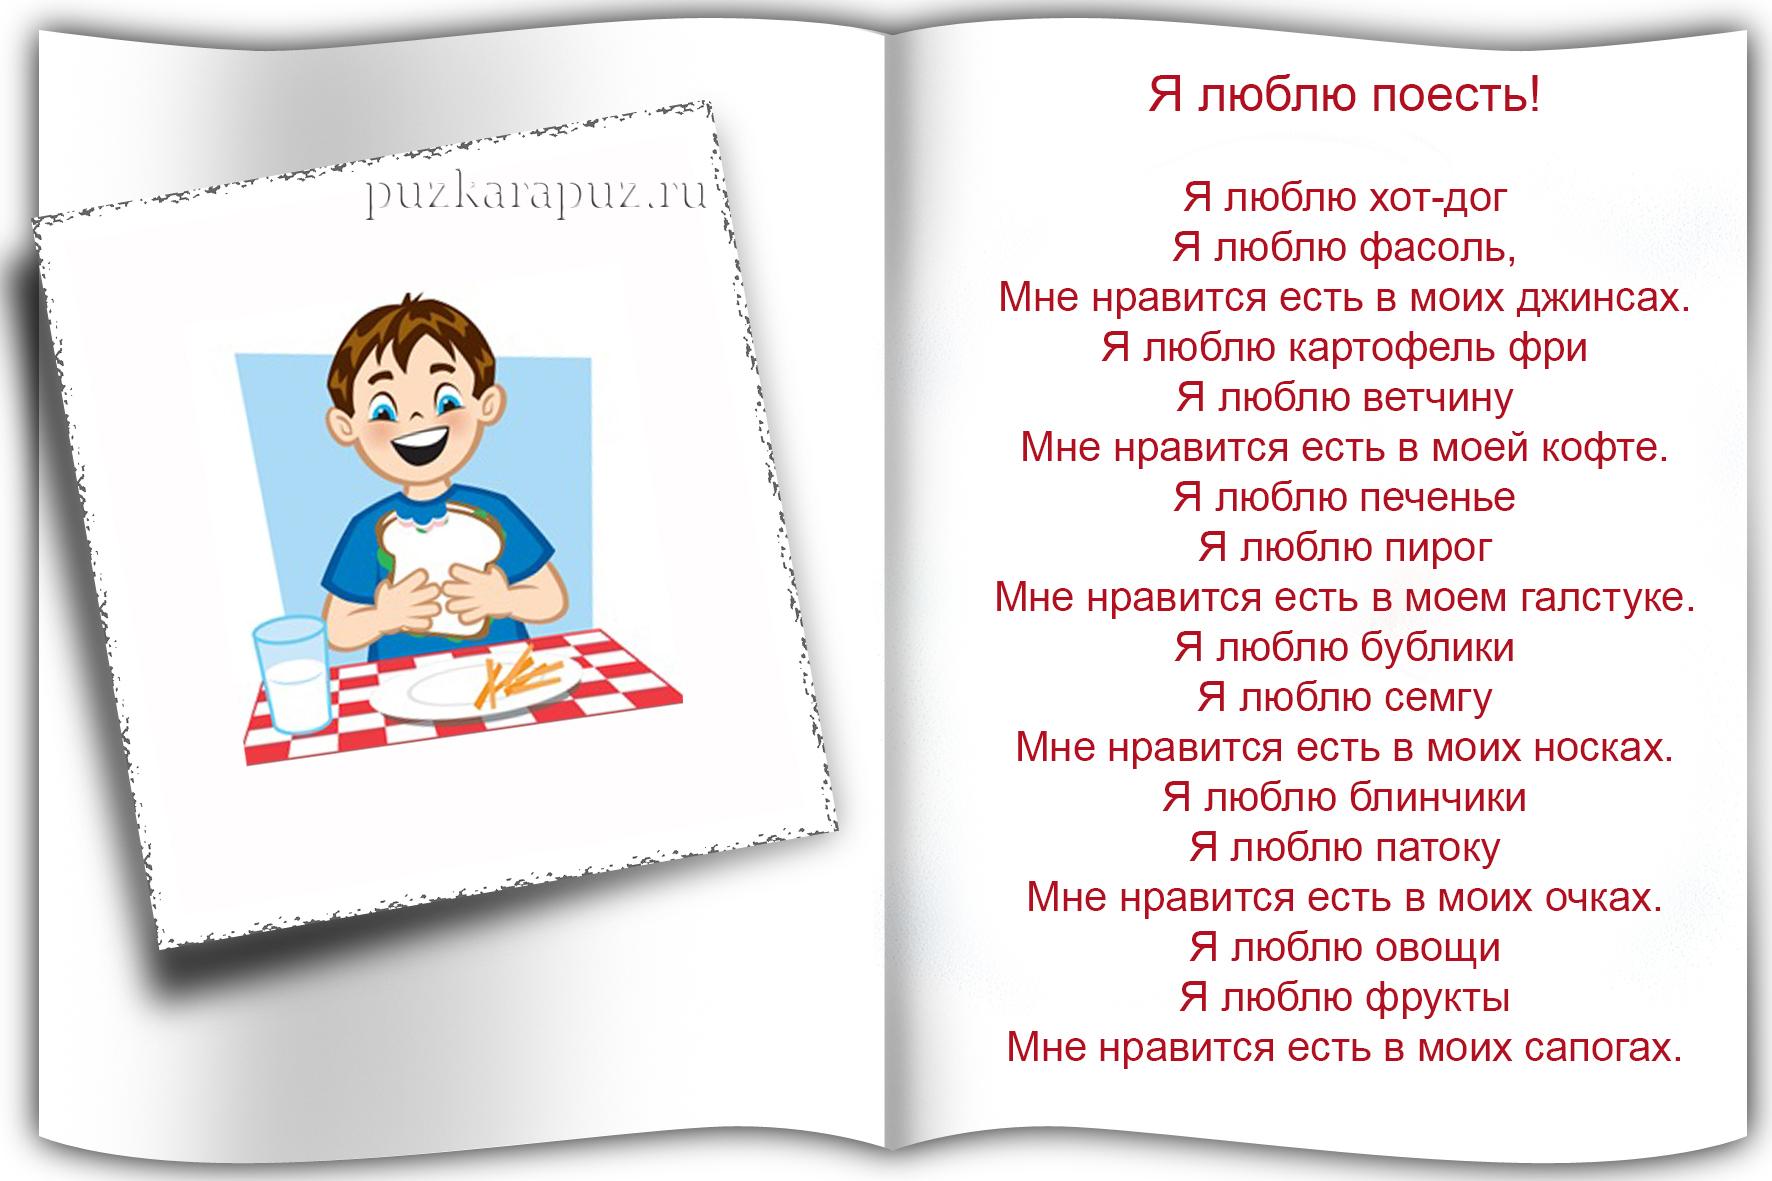 Стих для любимой на английском с переводом